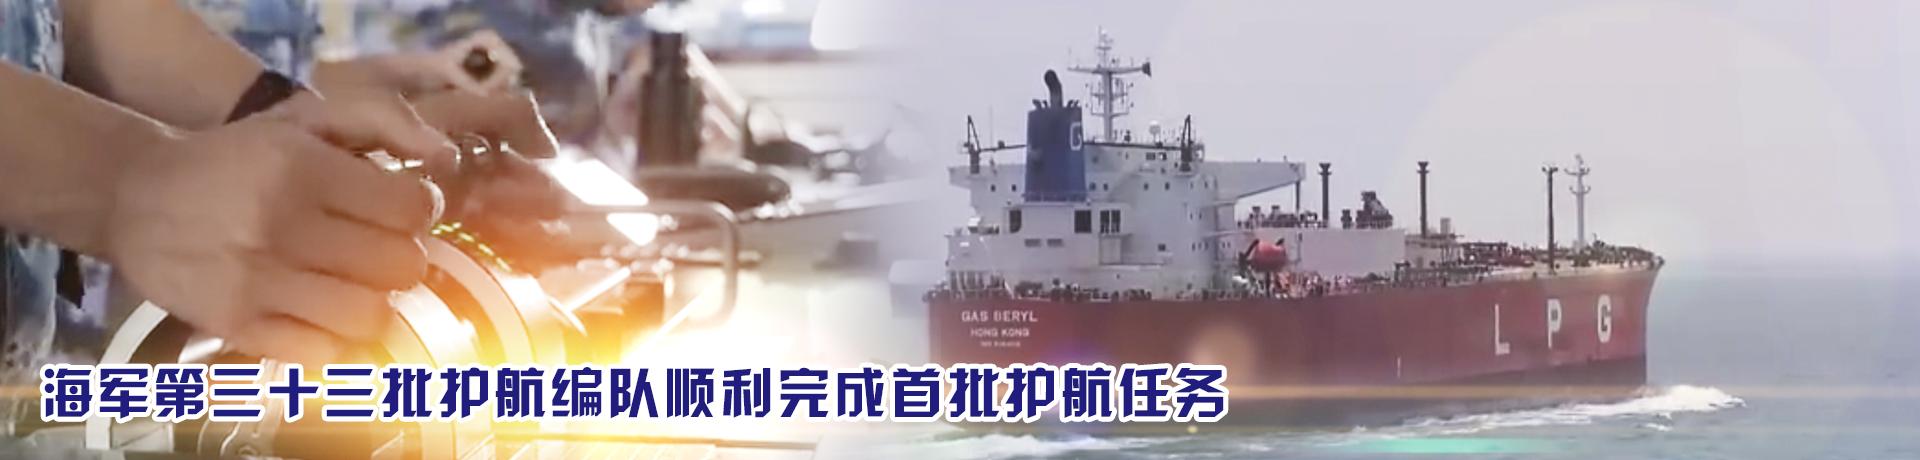 海军第33批护航编队顺利完成首批护航任务